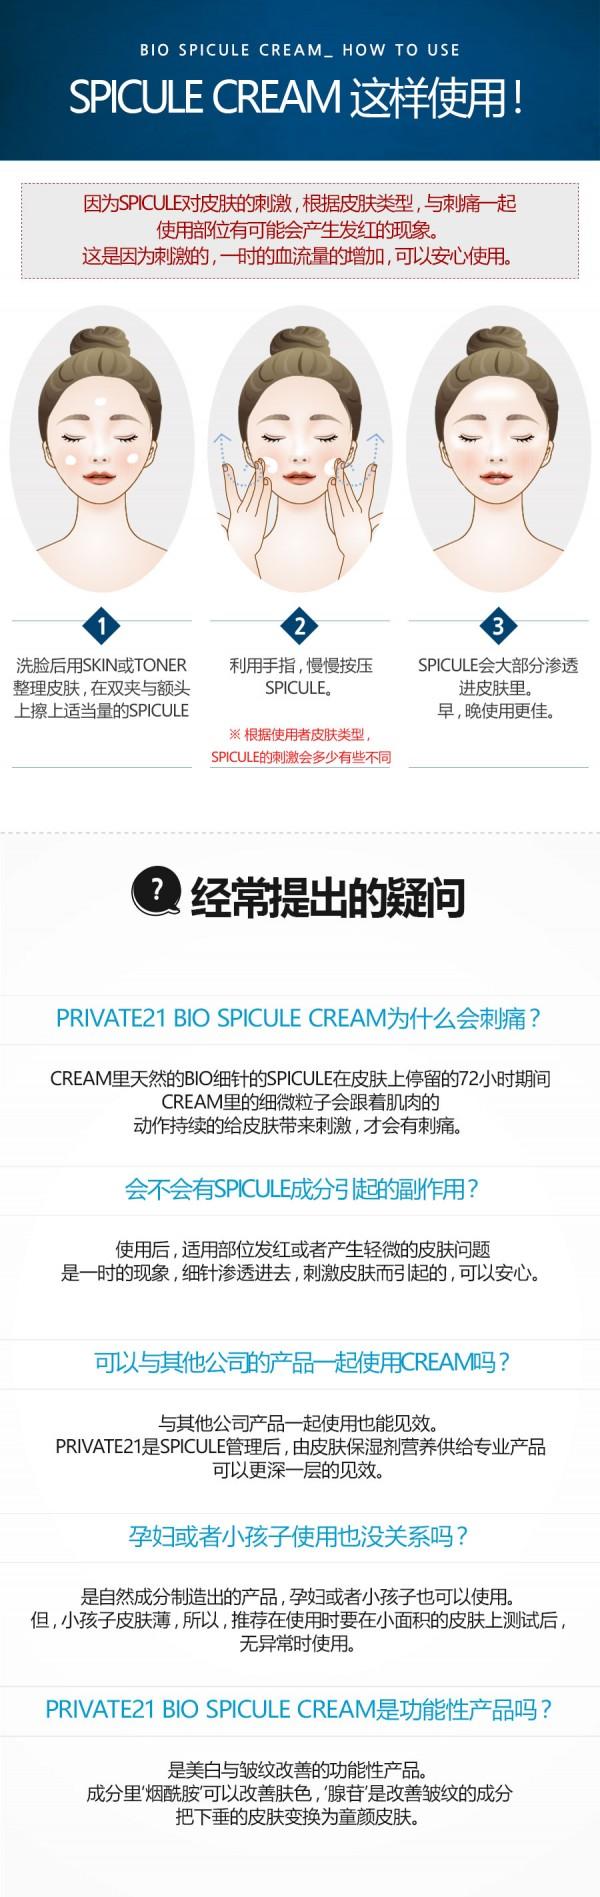 cn_spiculecream7.jpg